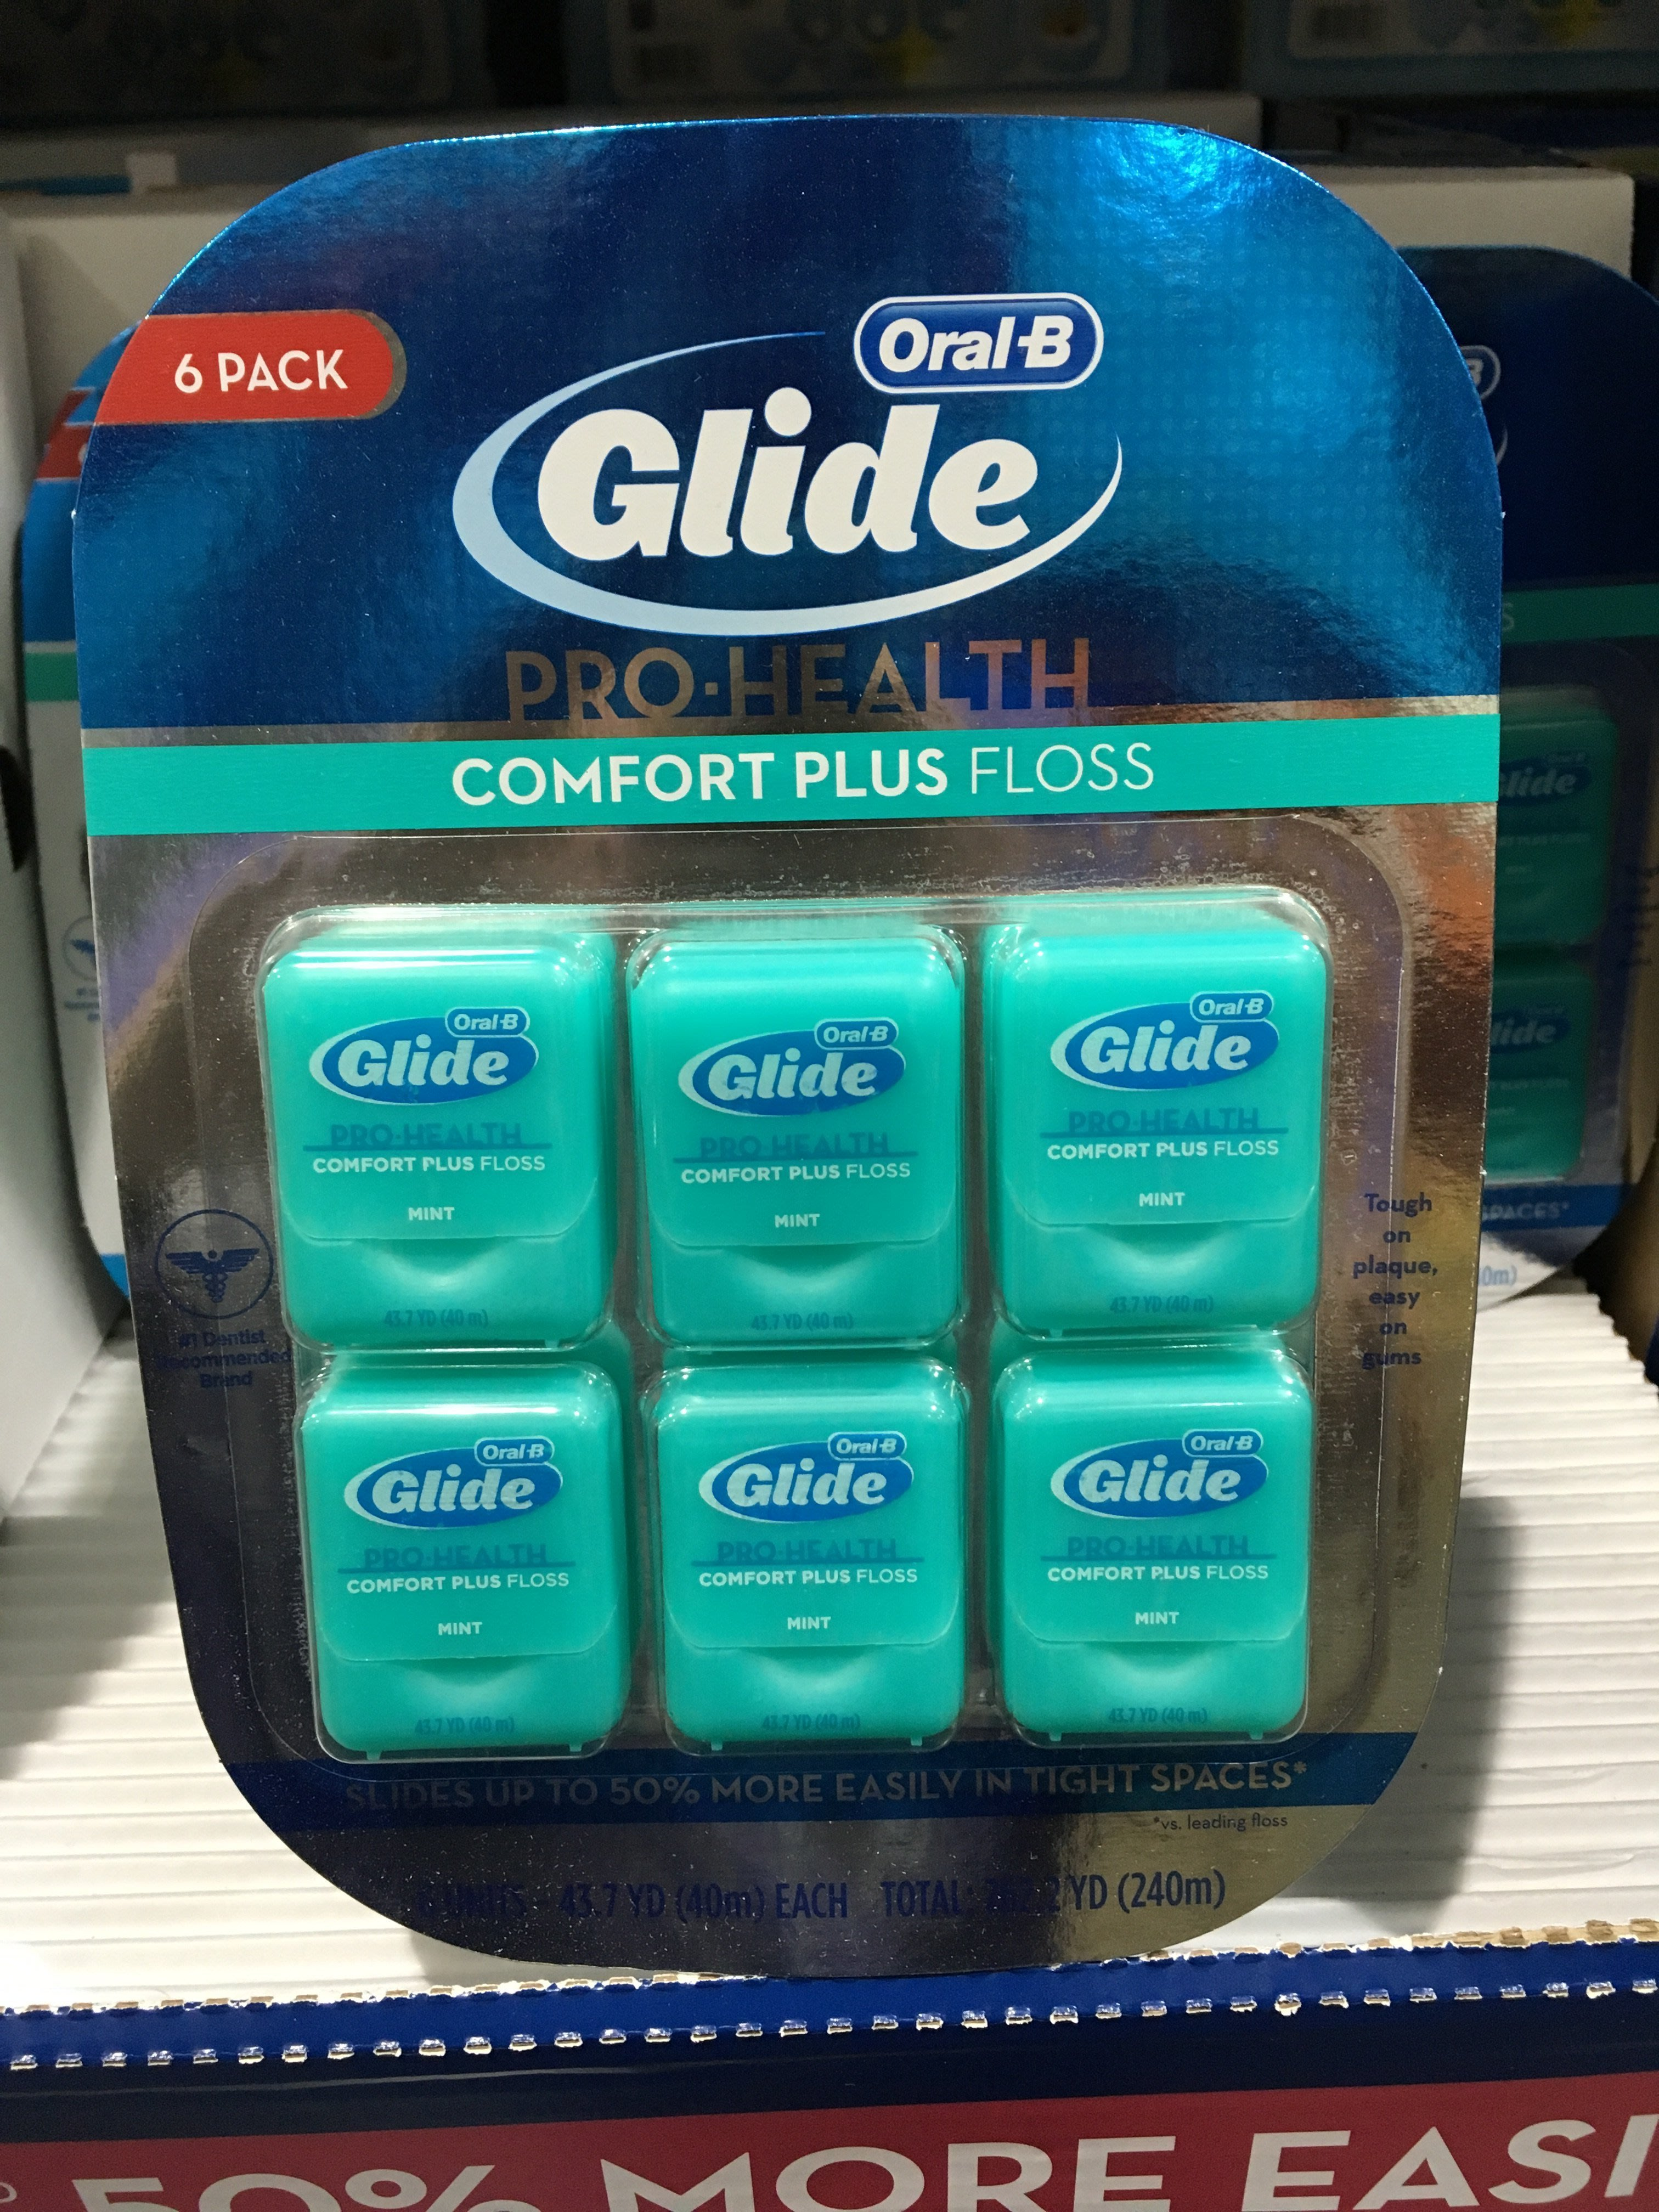 【日日小舖外送代購】好市多 o新包裝o Glide 清潔舒適牙線 薄荷口味每組40公尺*6入